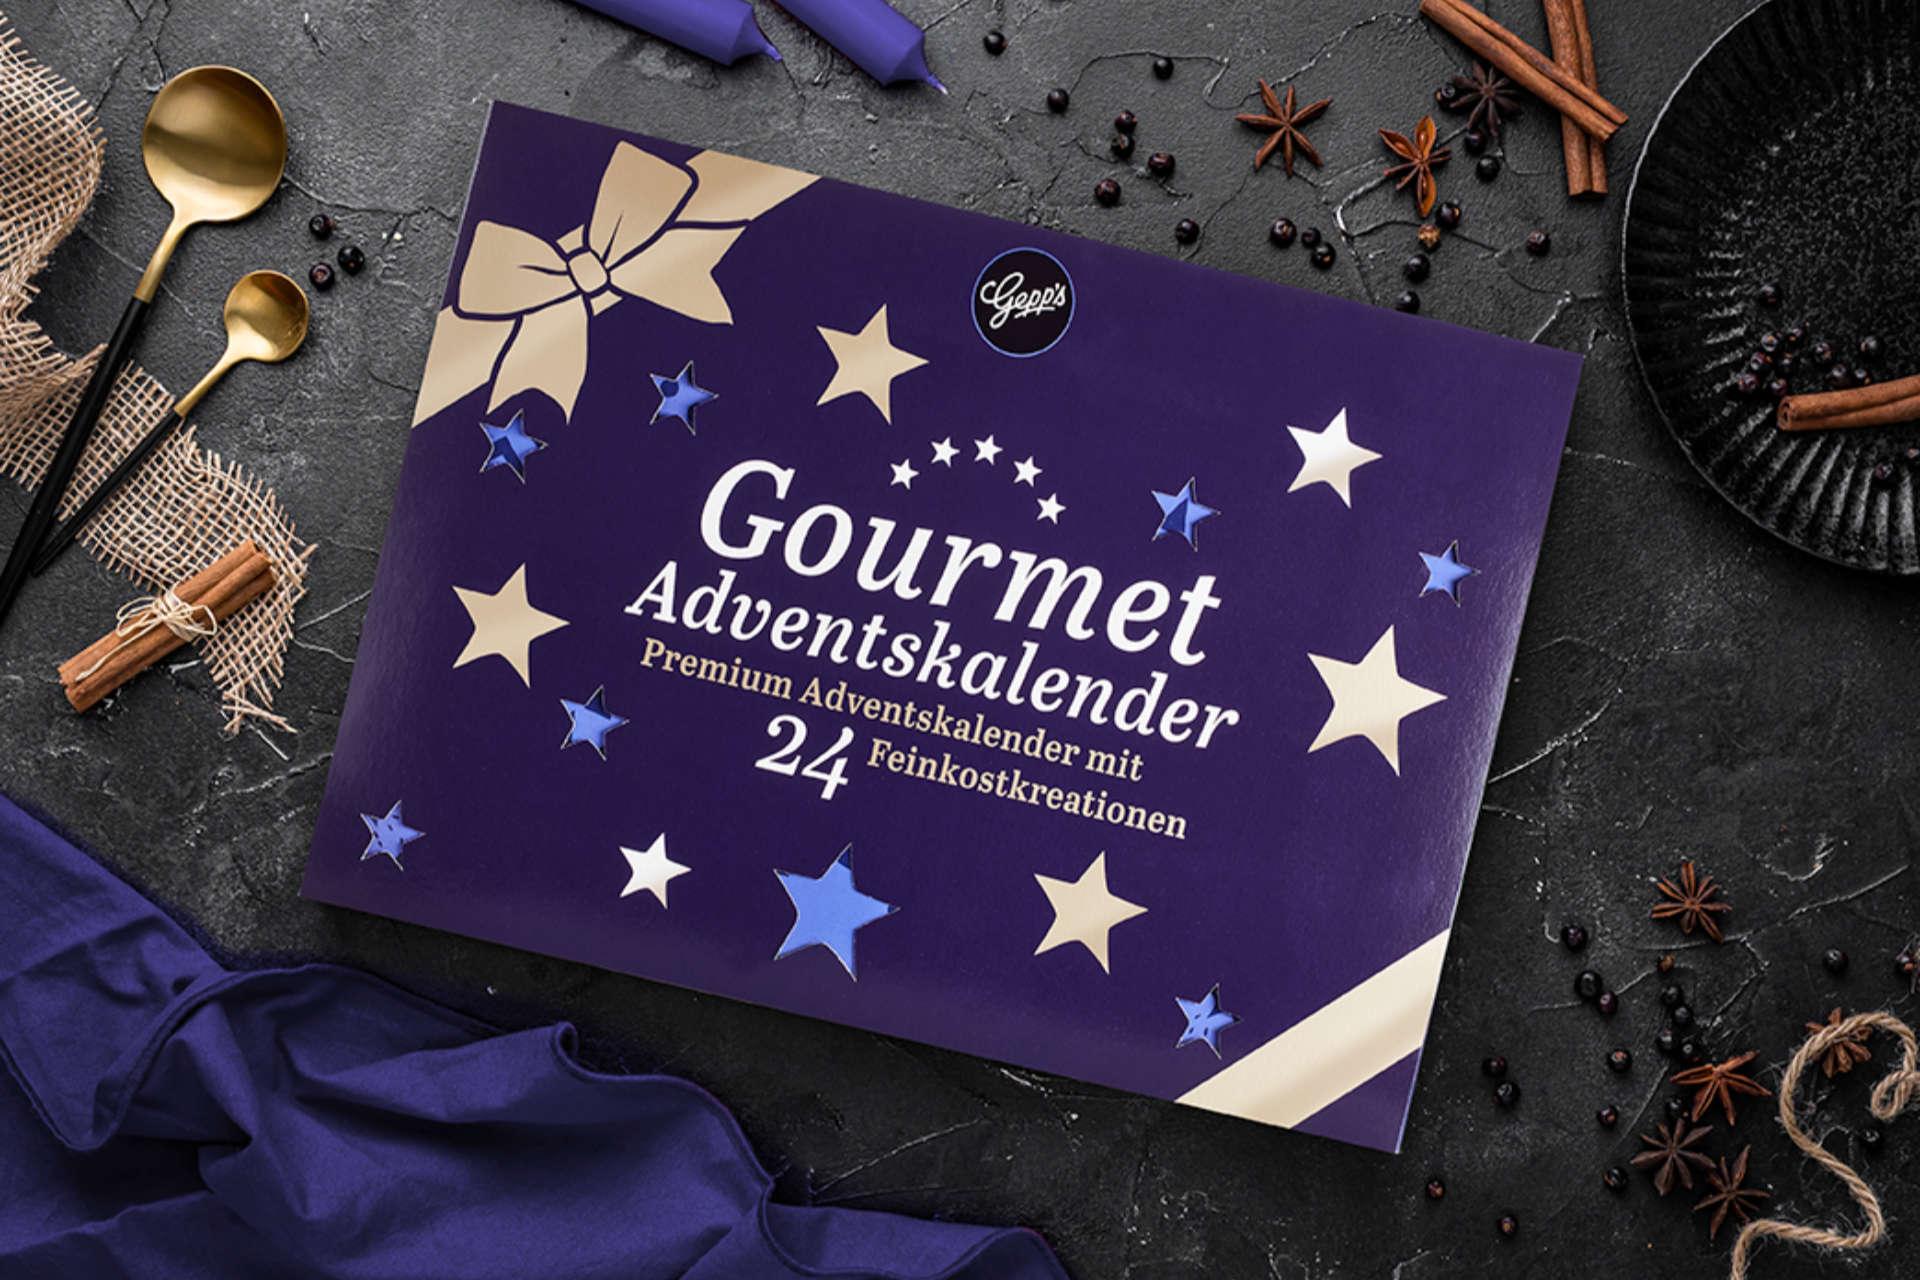 Gepps Gourmet Adventskalender 2021